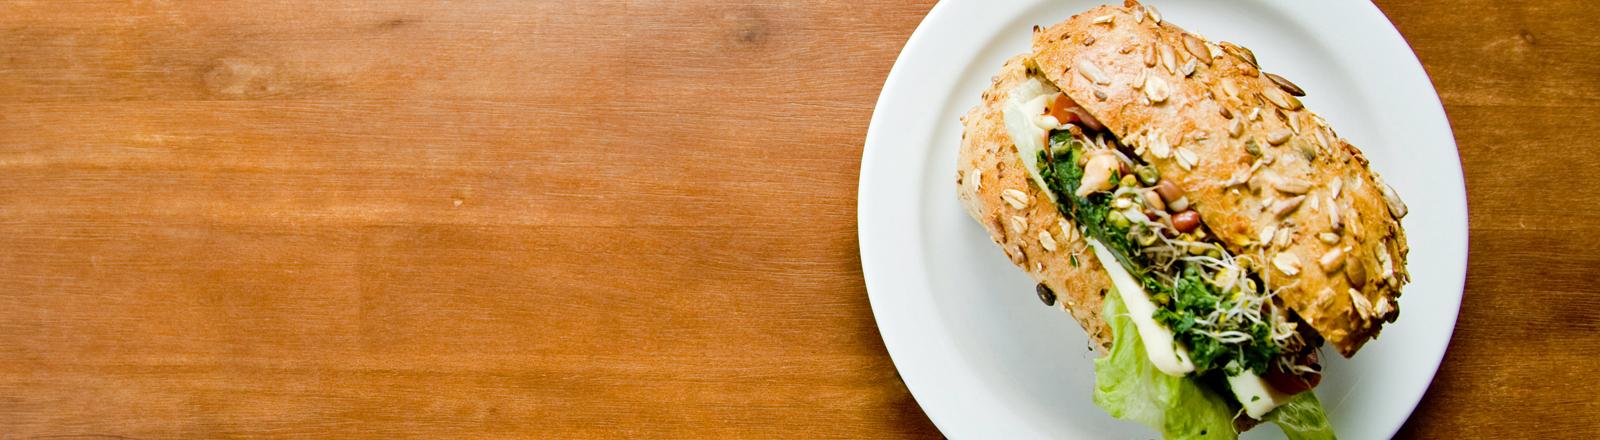 Ein mit leckeren und gesund aussehenden Dingen belegtes Brötchen liegt auf einem Teller.